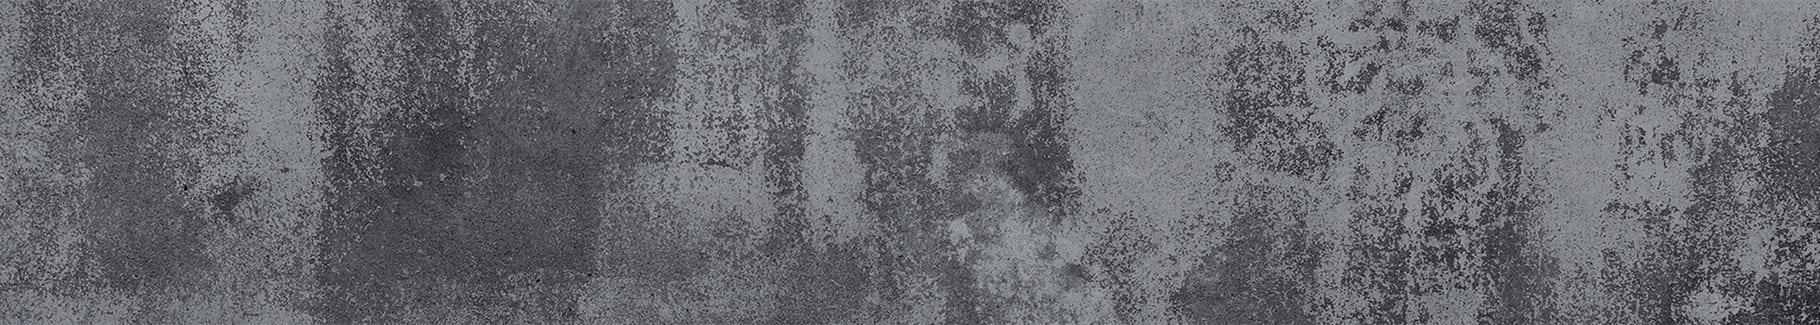 Fototapete dunkler Beton